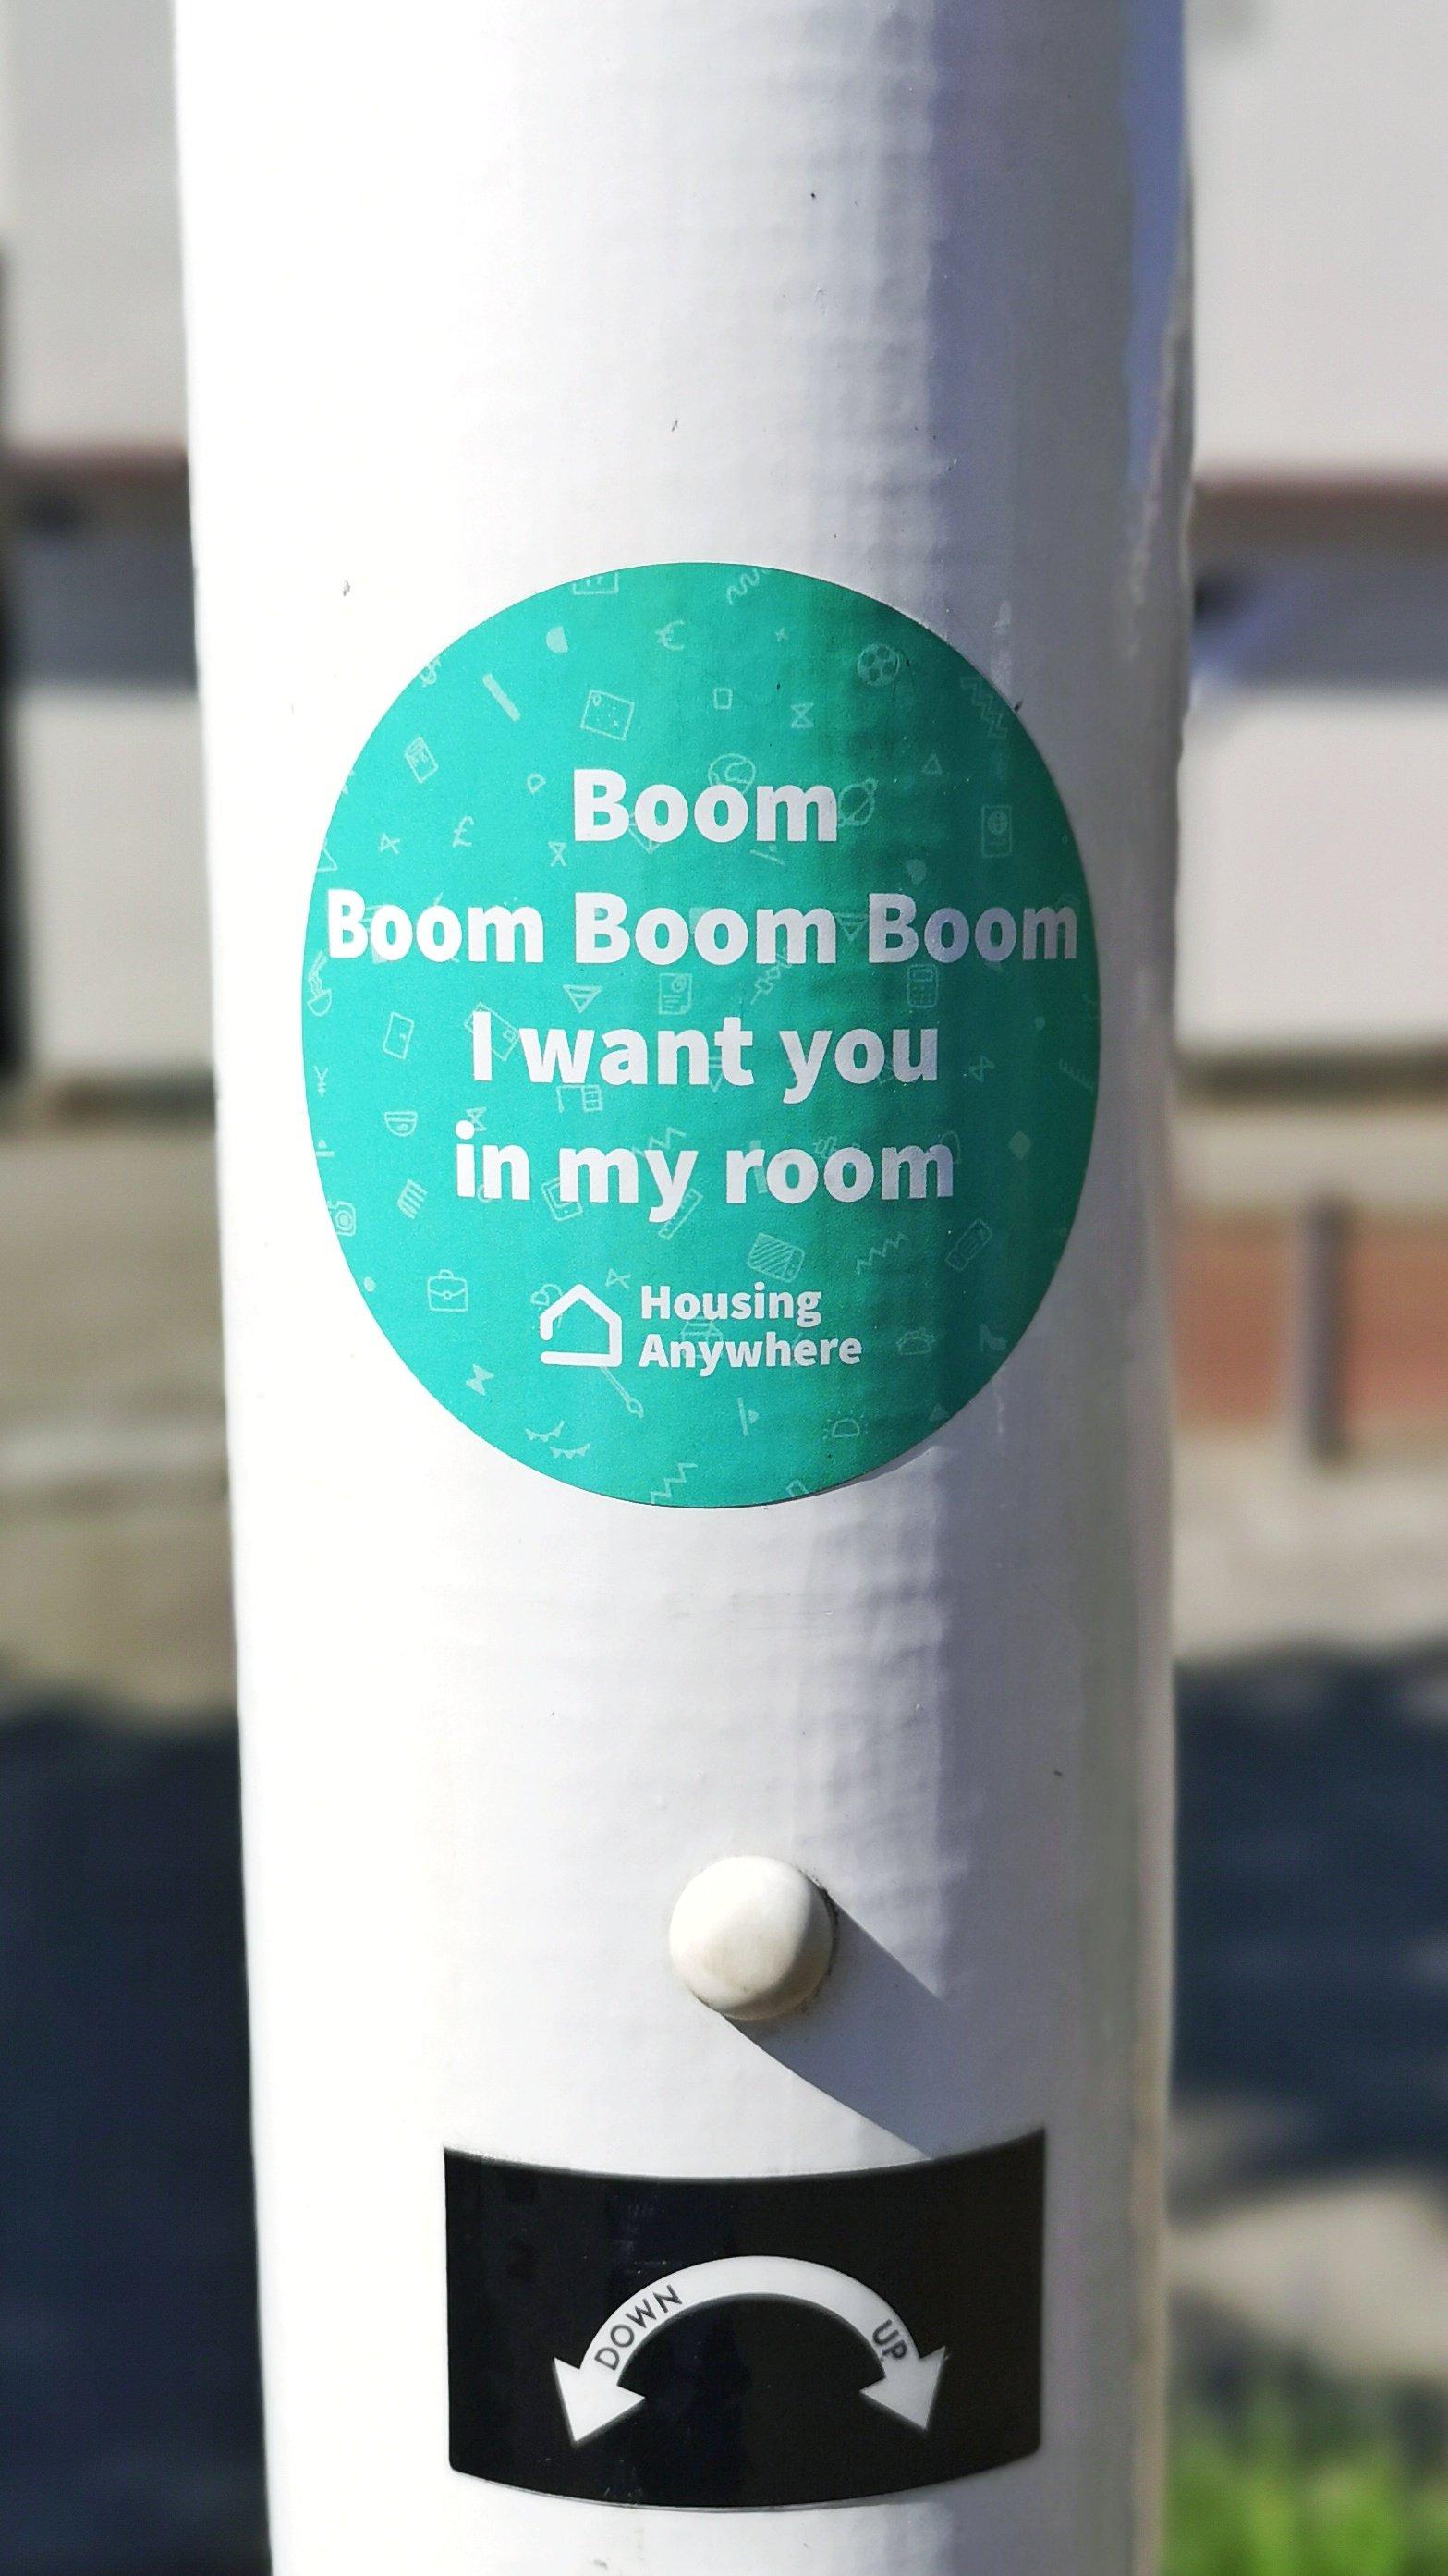 4160: BOOM BOOM BOOM